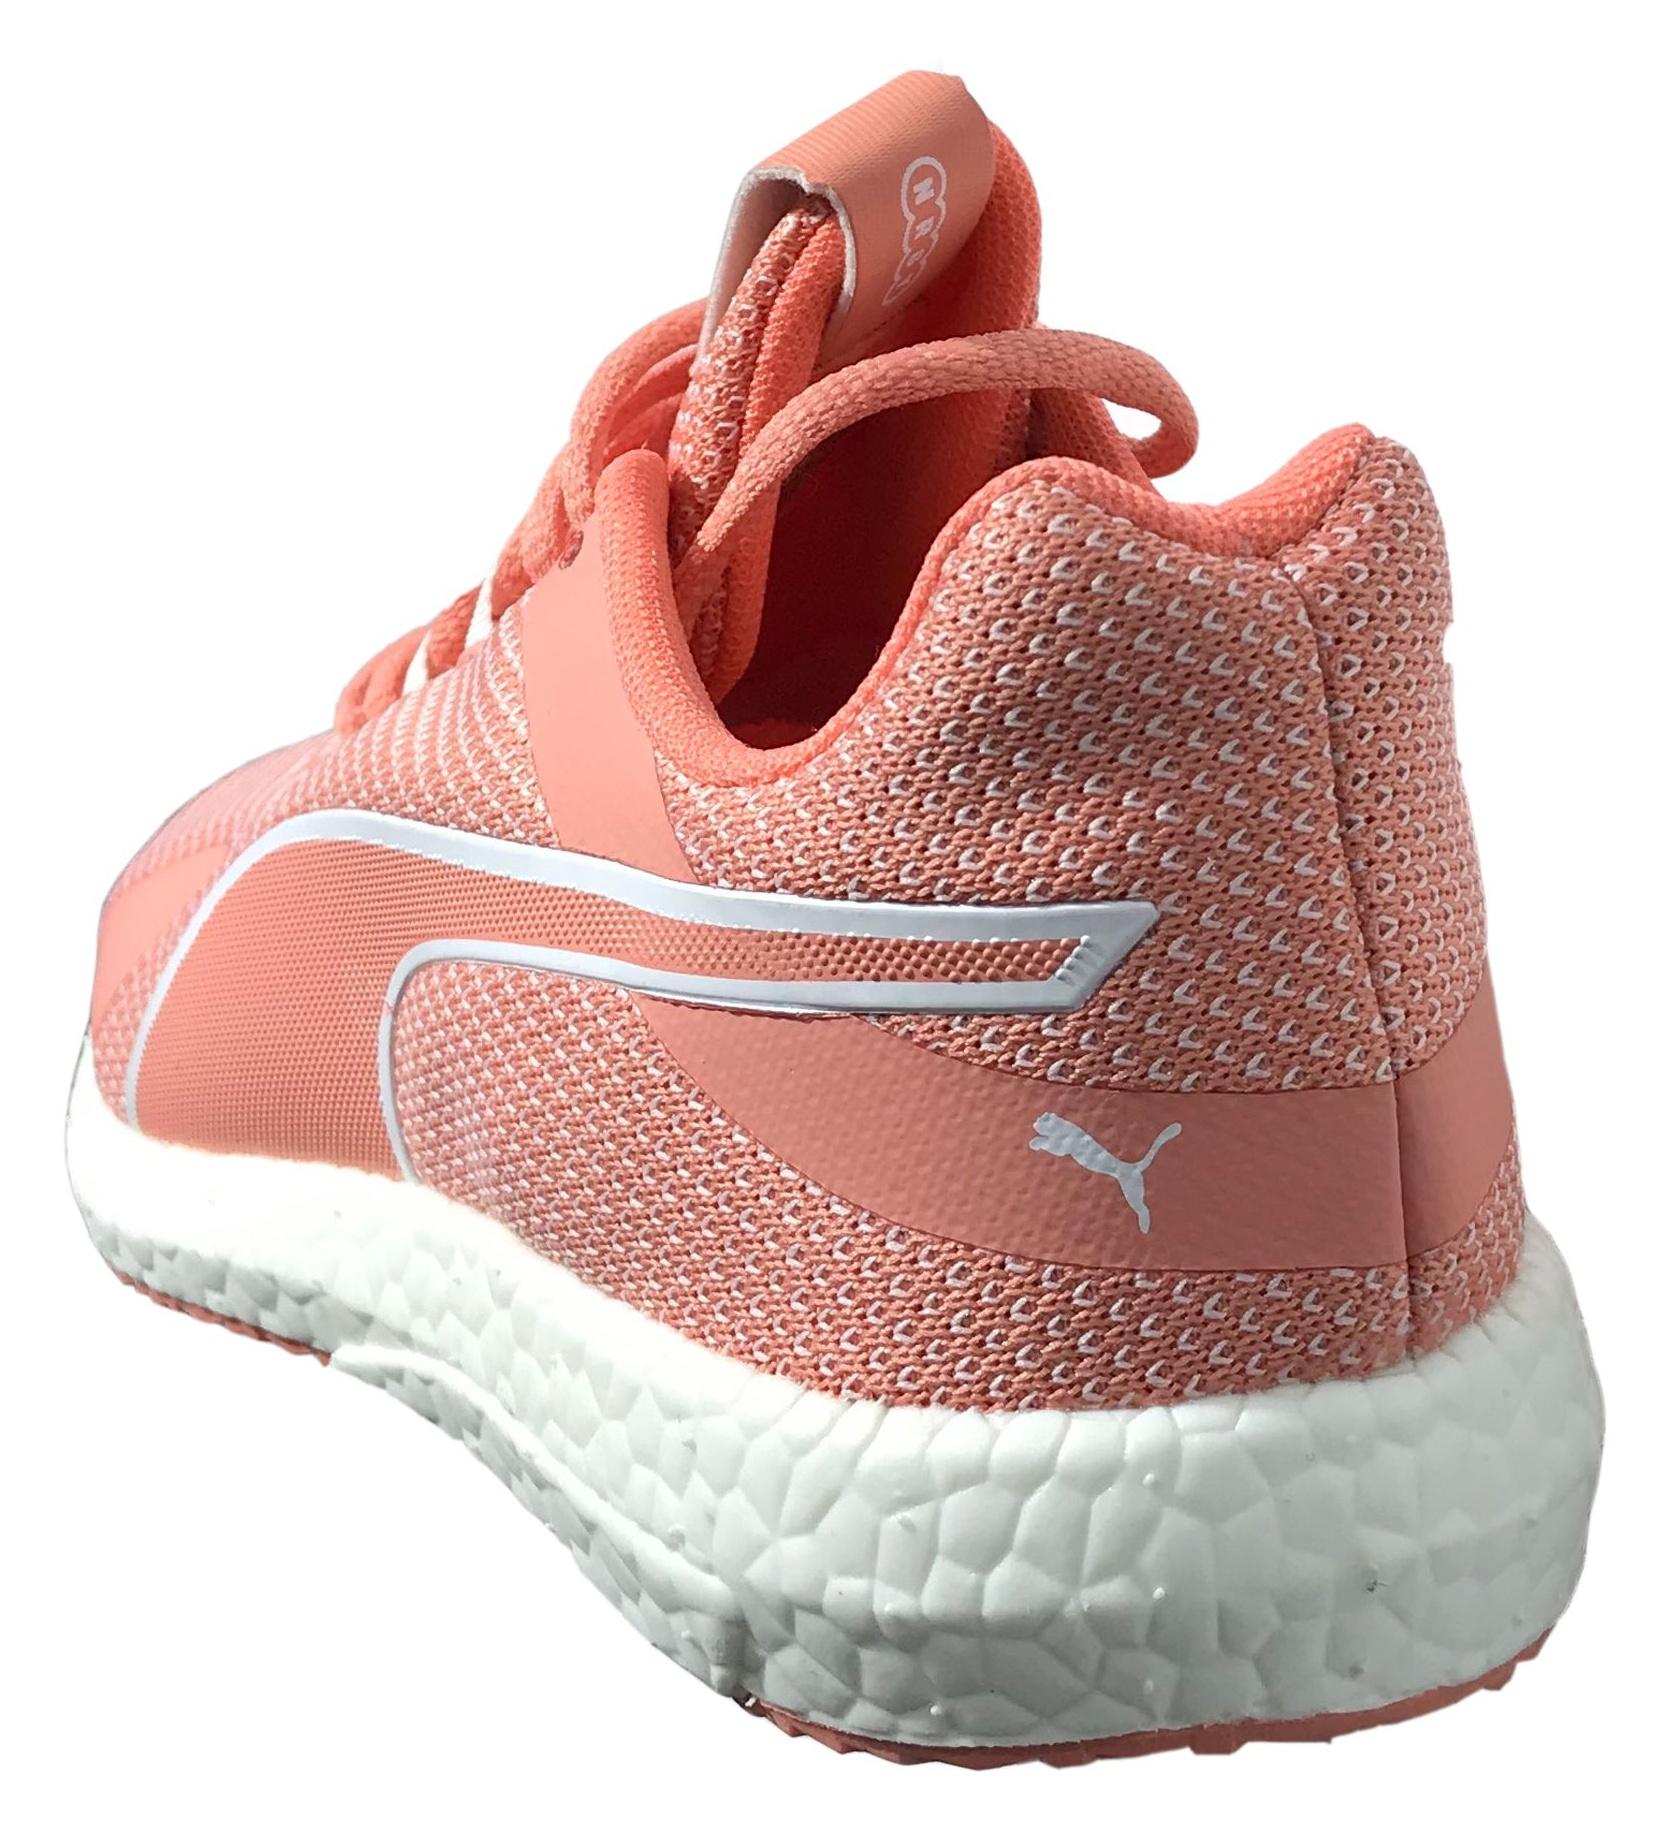 کفش مخصوص پیاده روی زنانه مدل Mega Nrgy کد 024